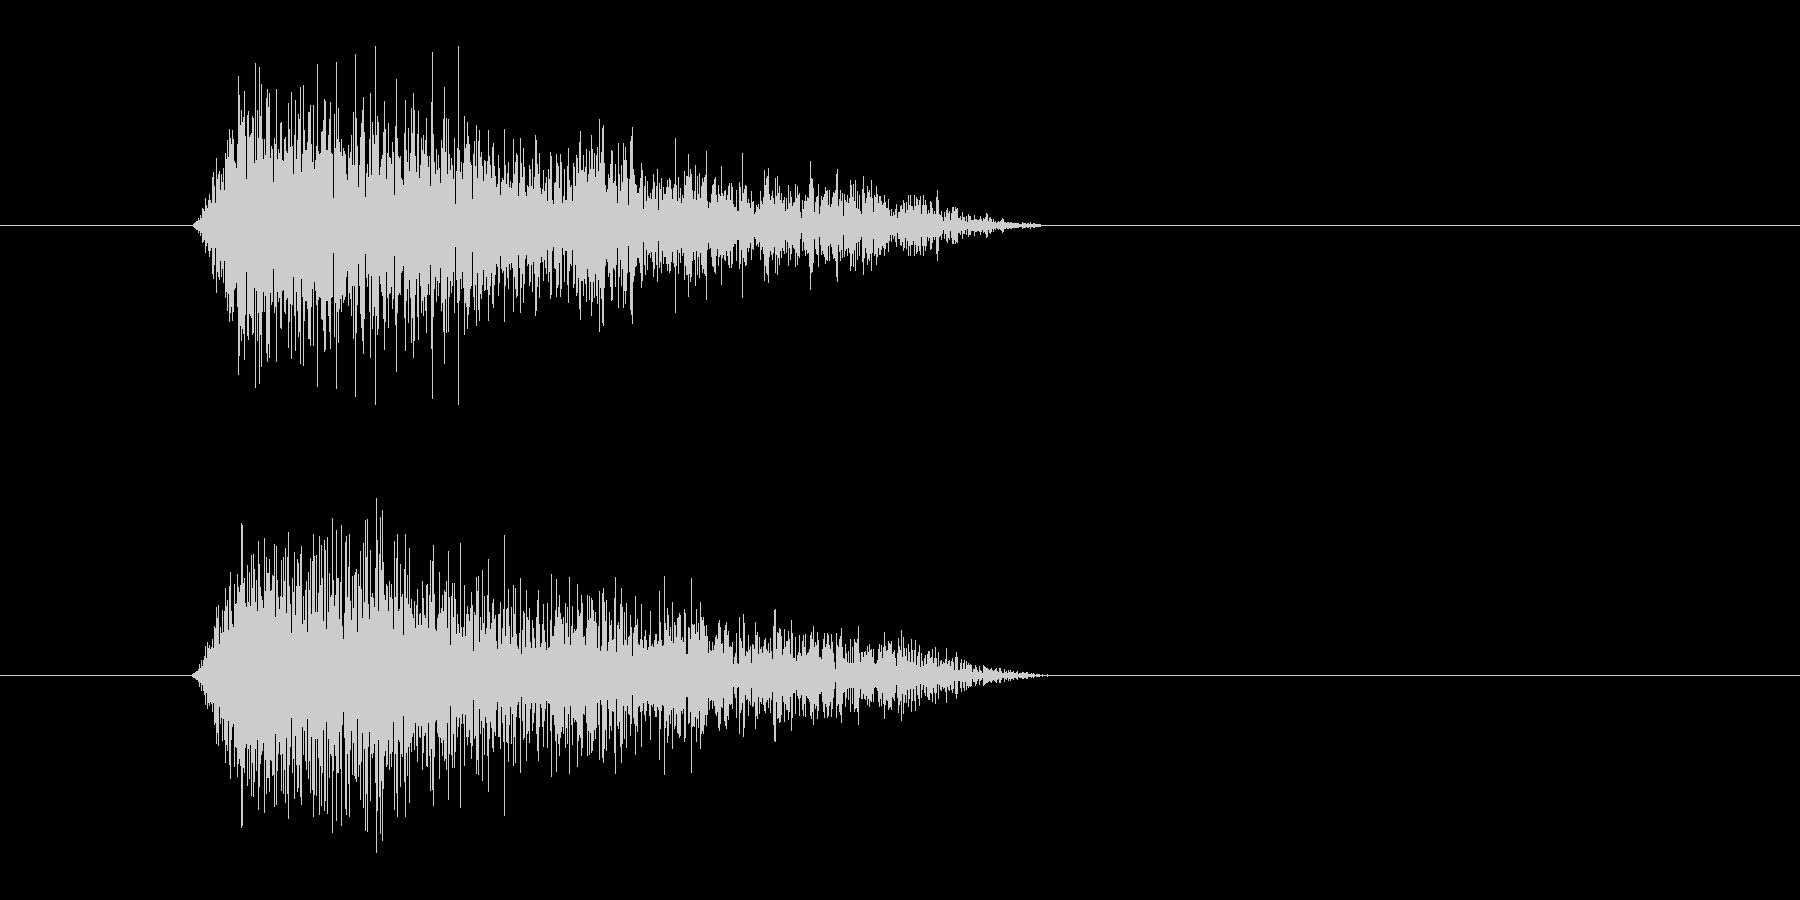 レーザー音-89-3の未再生の波形